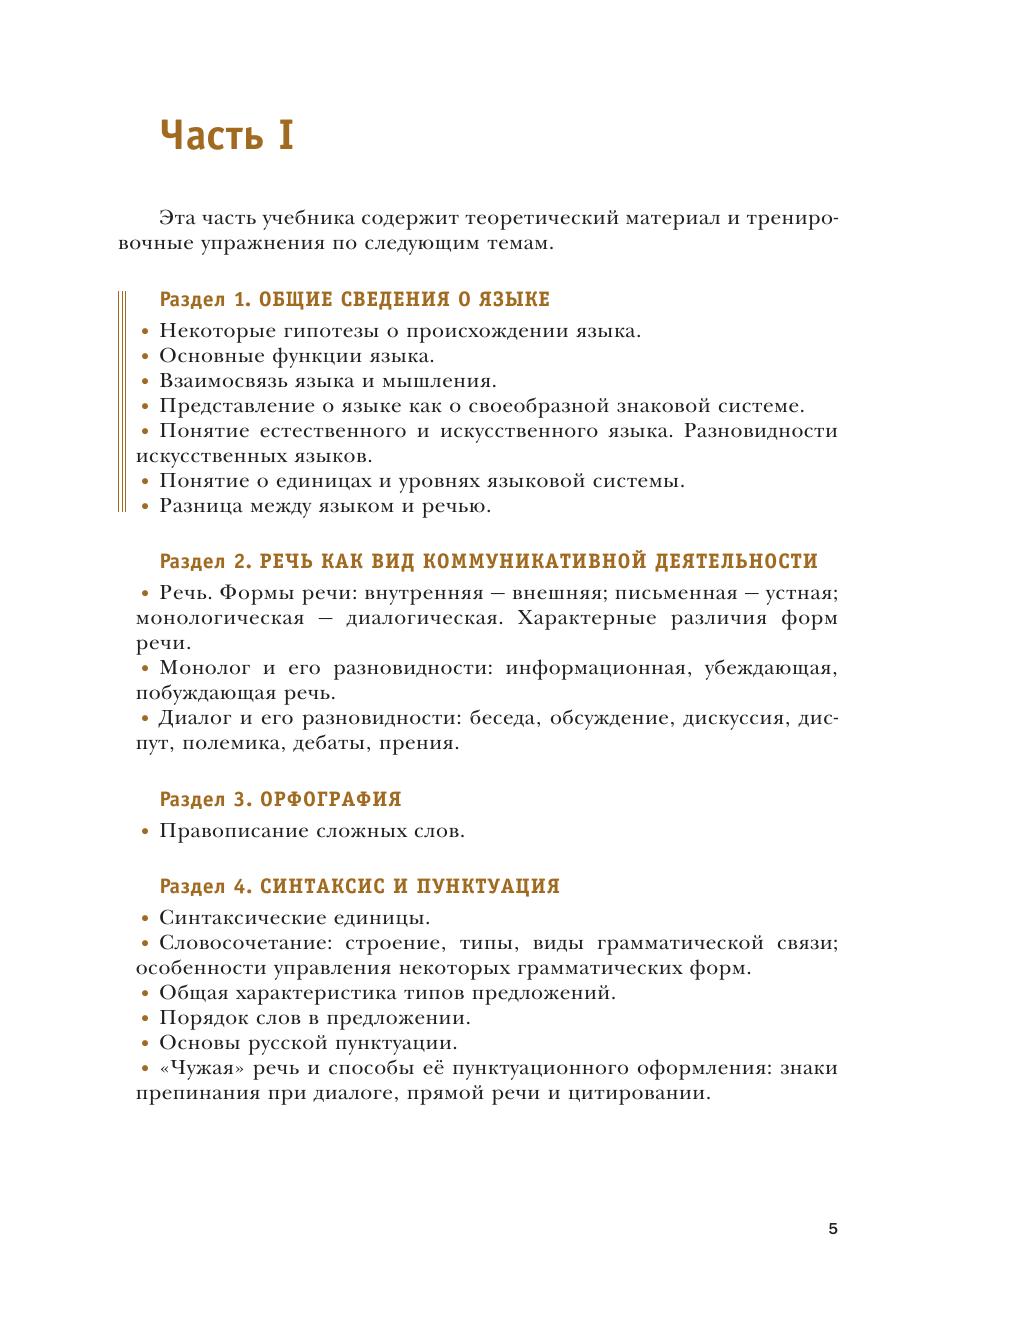 Подскажите Где Скачать Гдз По Русскому Языку 10 Класс Гусарова